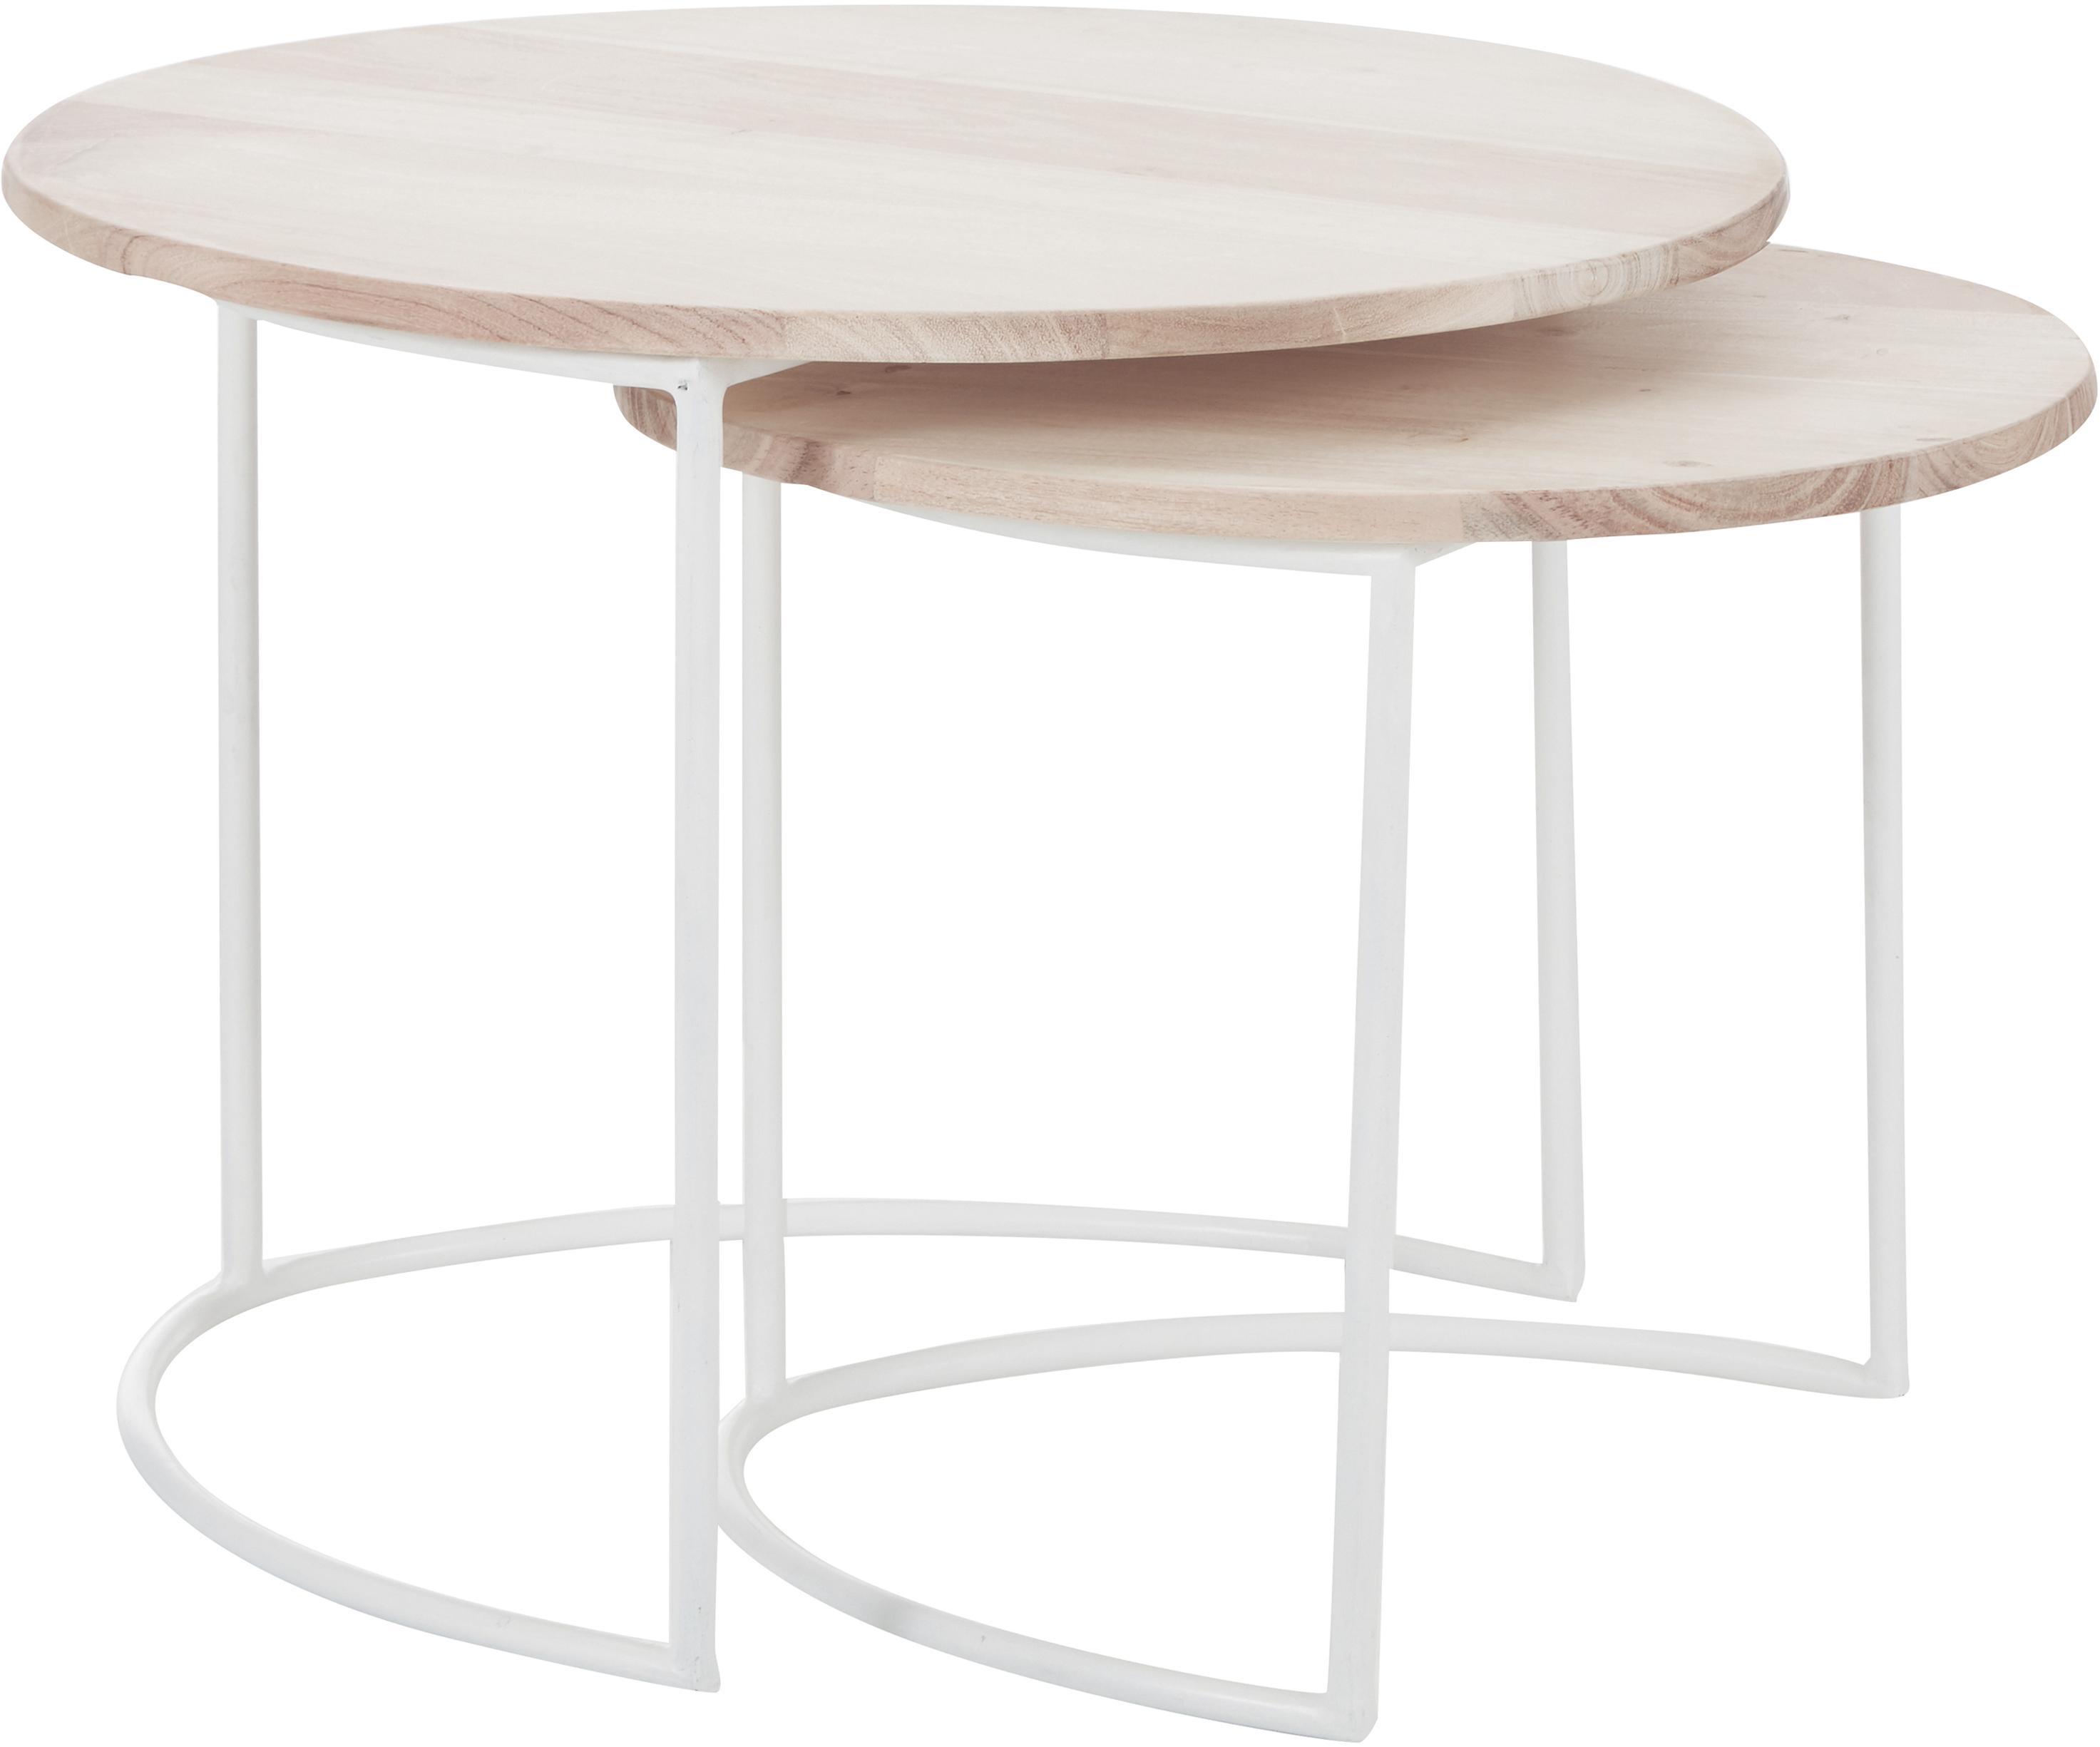 Set 2 tavolini con piano in legno Emma, Ripiani: legno di acacia verniciat, Cornice: metallo verniciato a polv, Legno di acacia, bianco, Set in varie misure